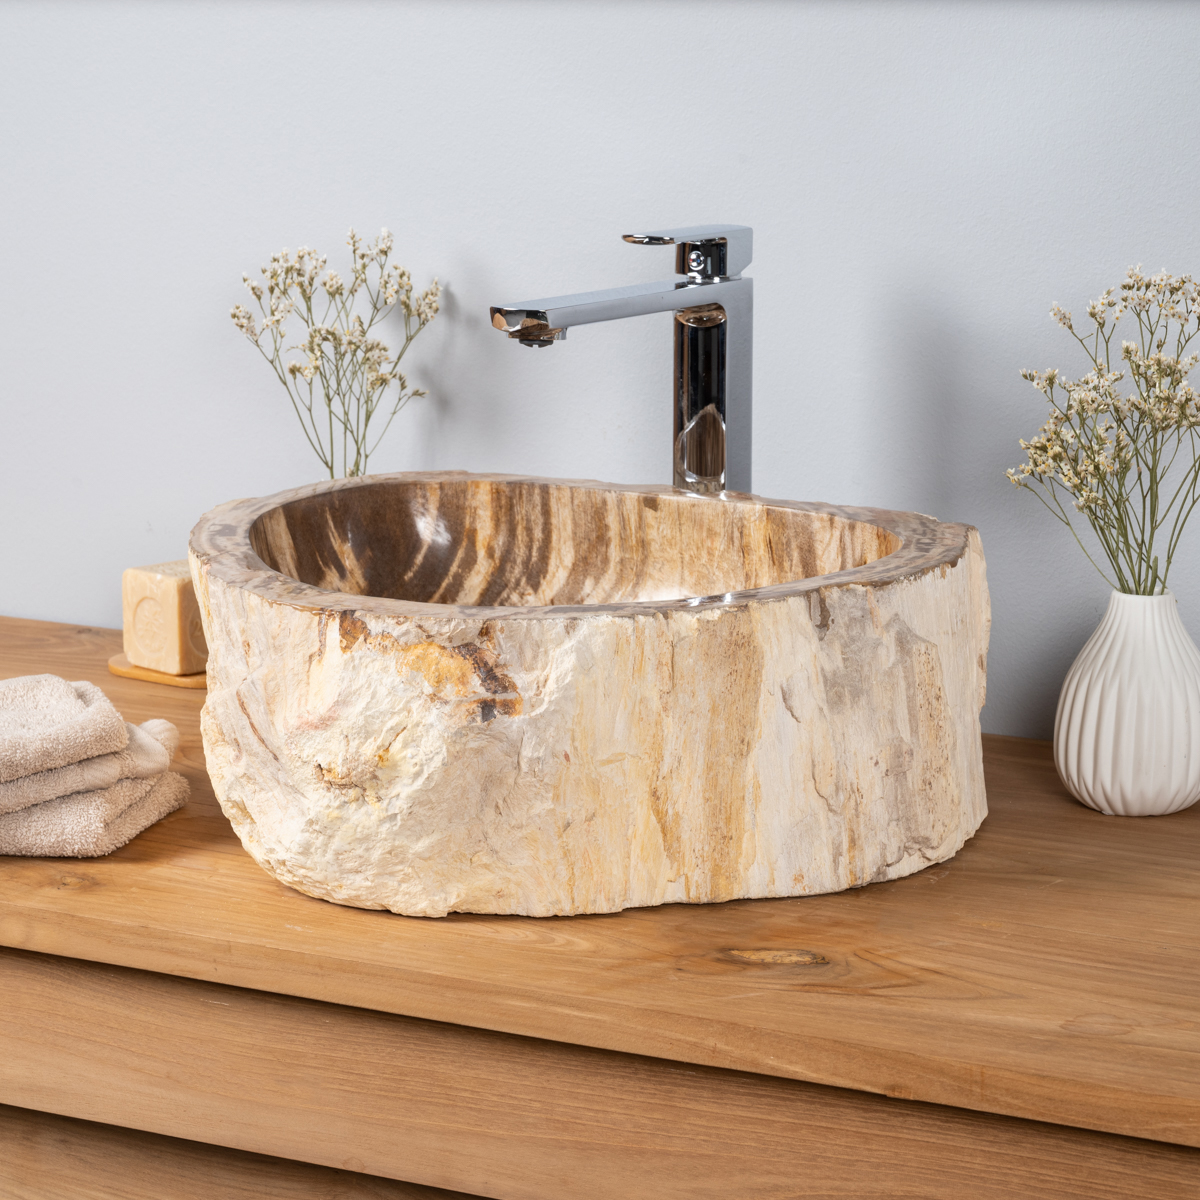 Vasque salle de bain vasque poser bois p trifi fossilis marron 55 cm - Vasque salle de bain bois ...